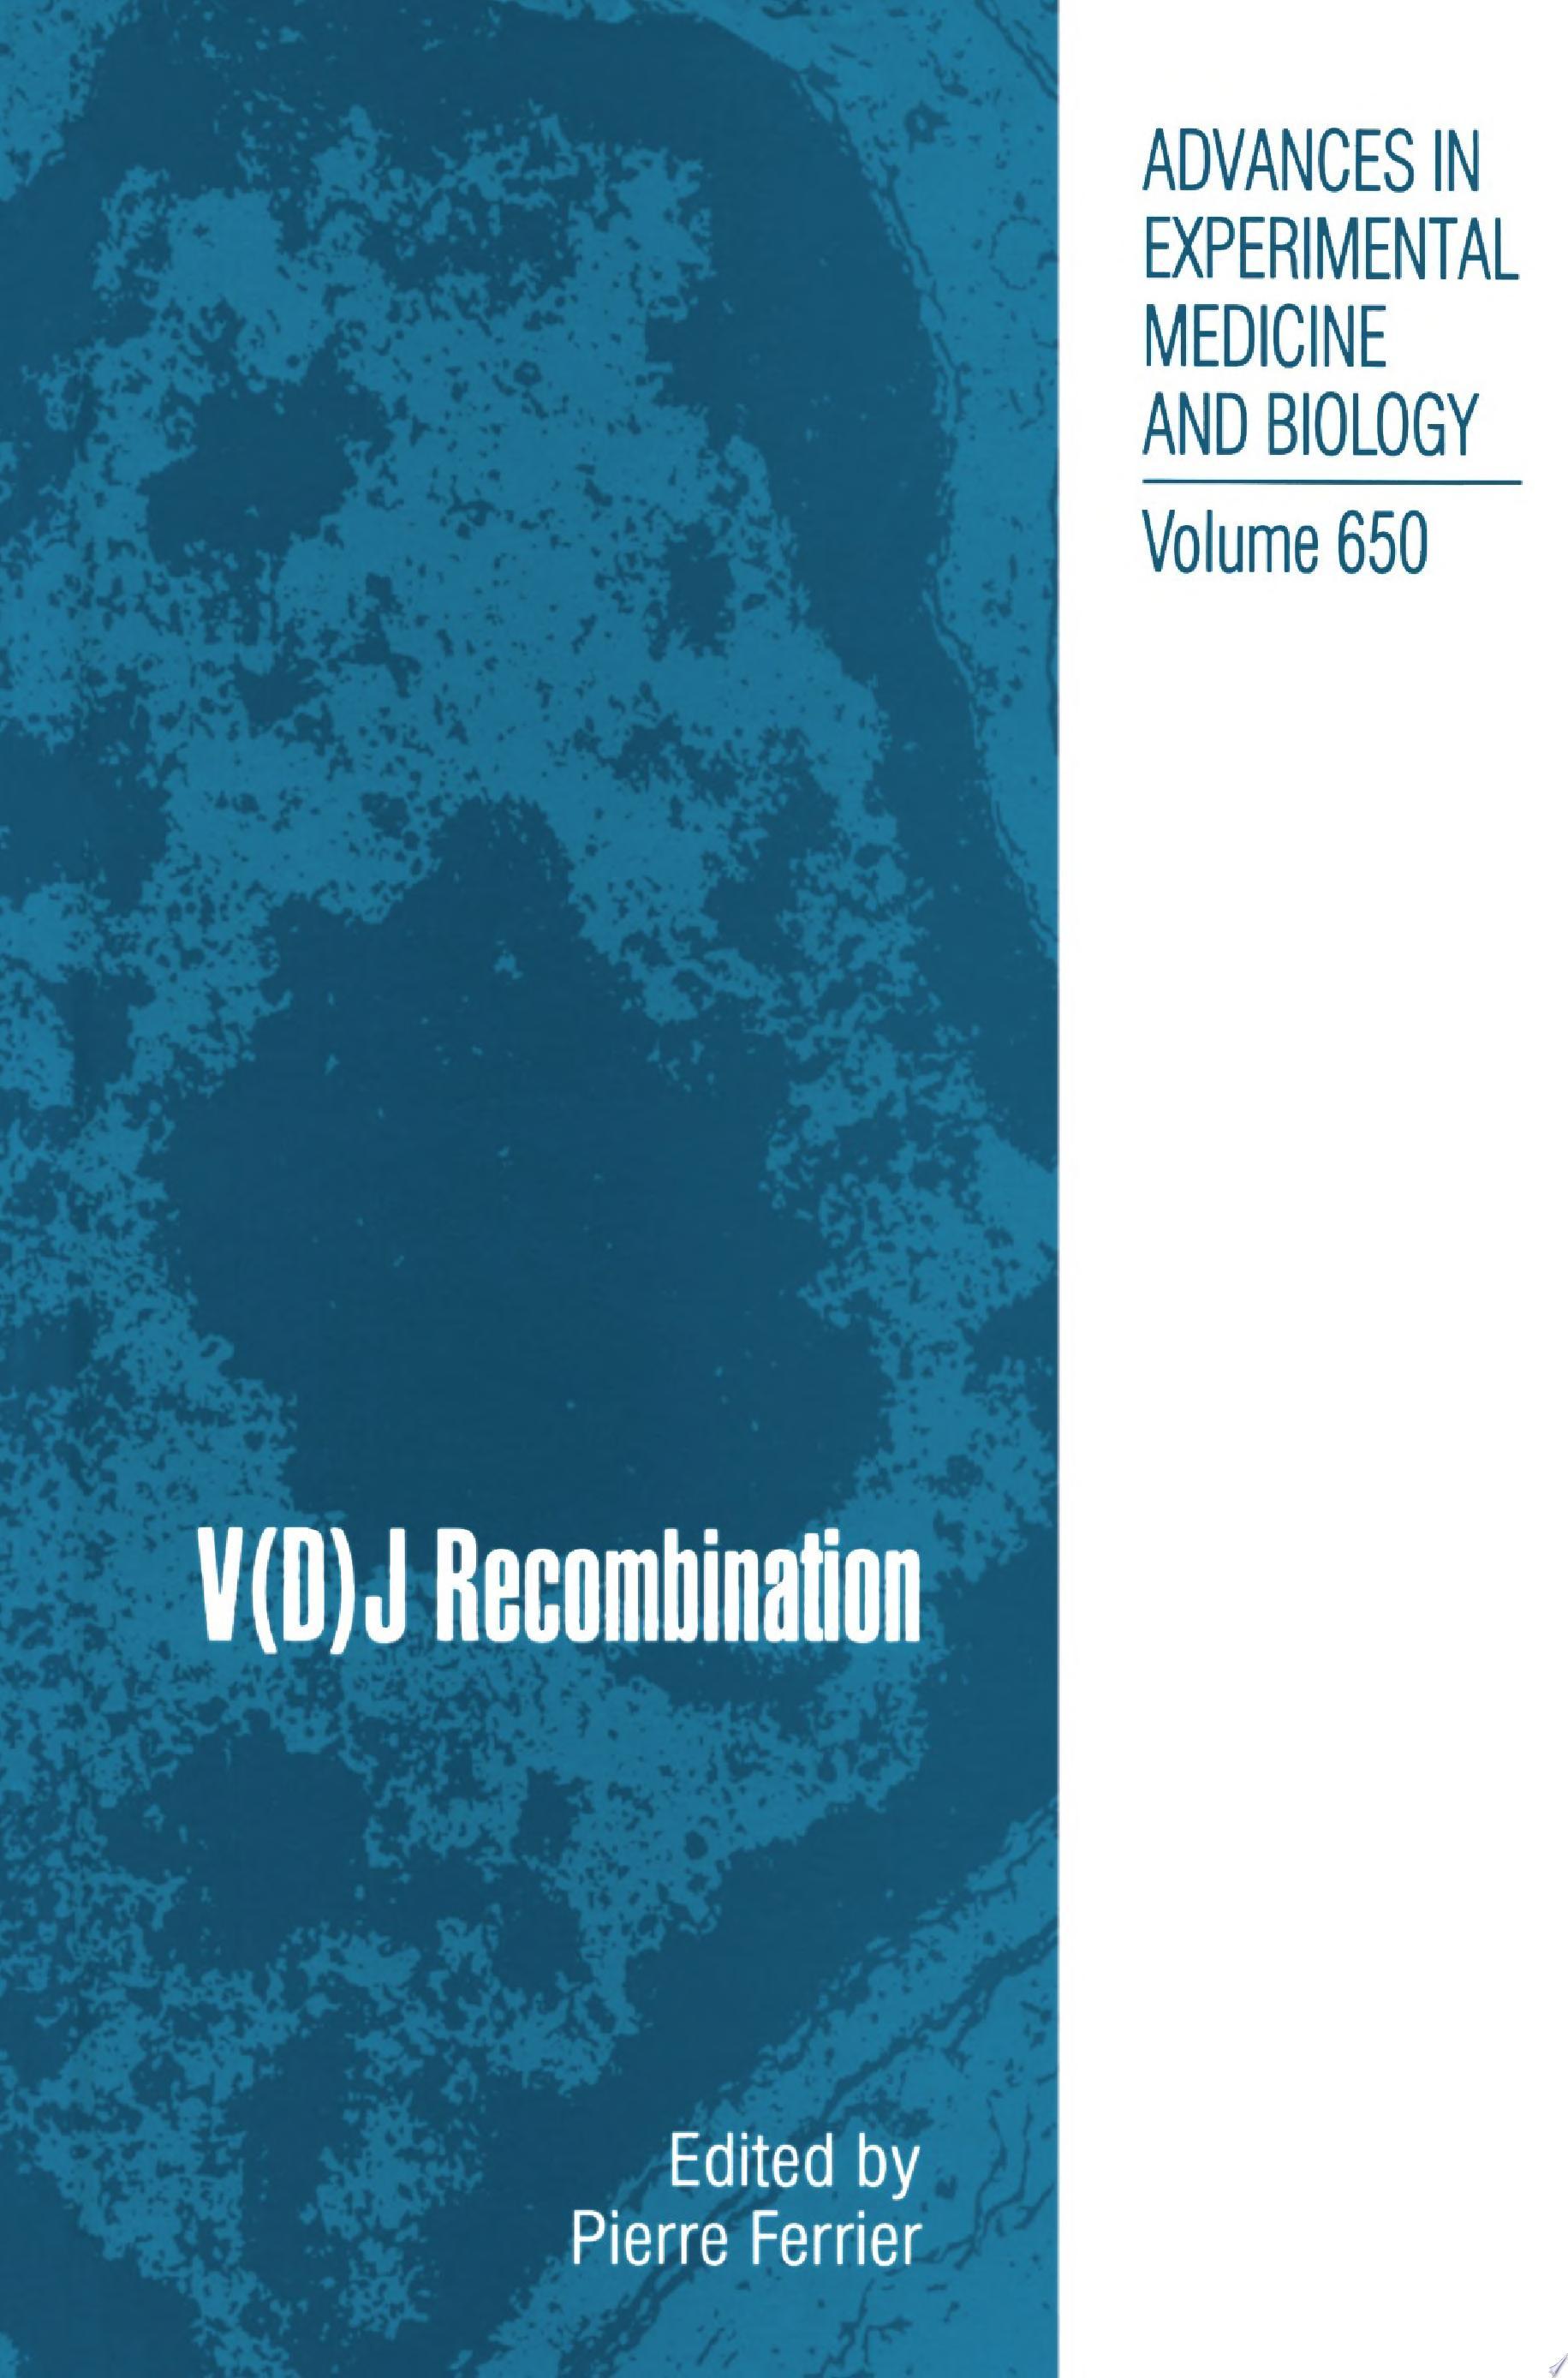 V D J Recombination